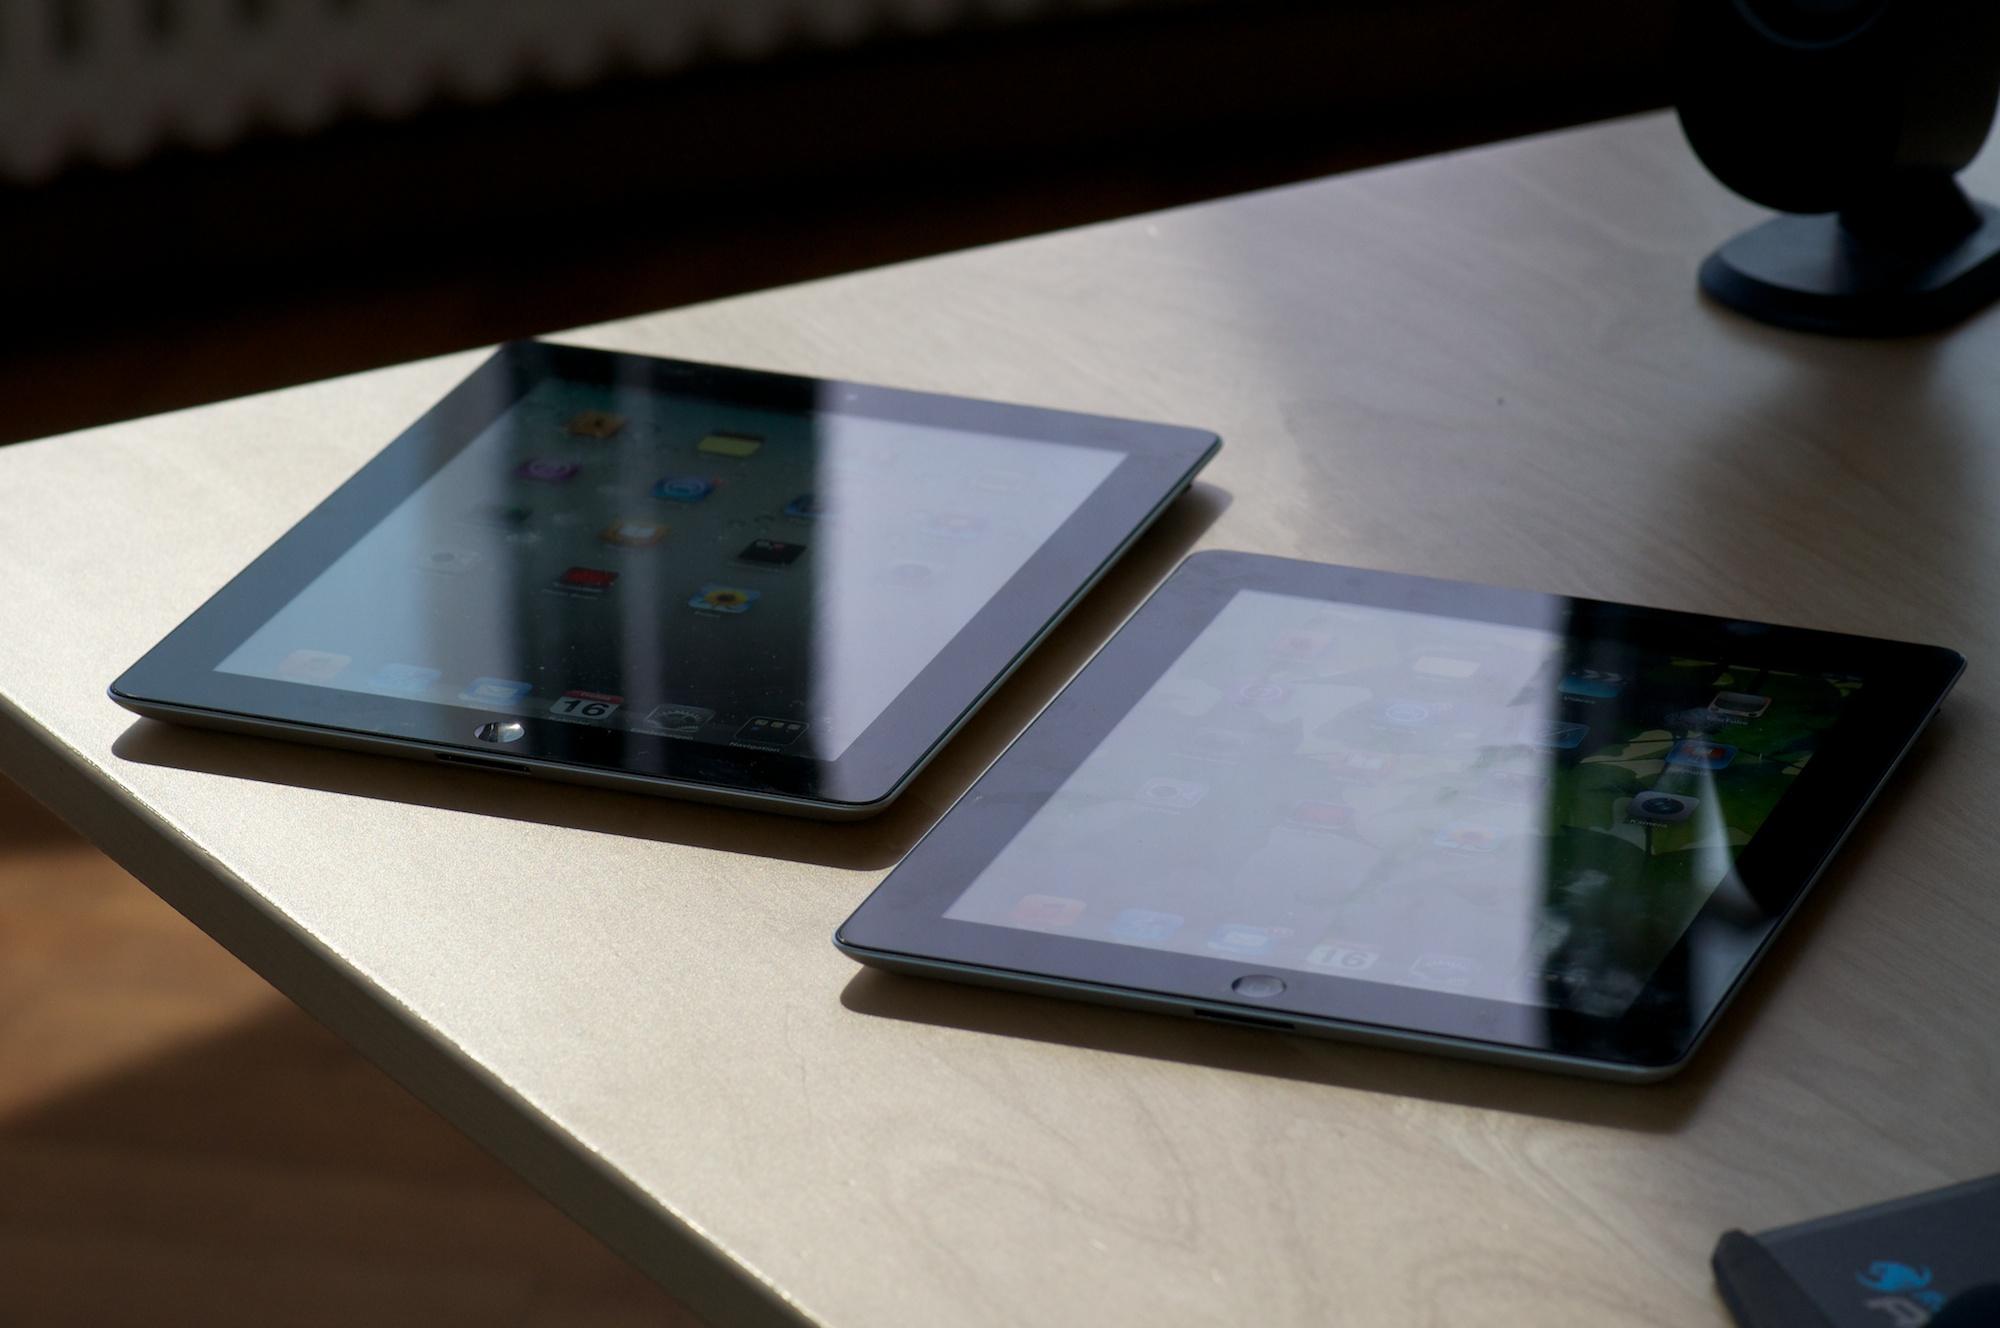 iPad 3 im Test: Gut für Einsteiger, nichts für iPad-2-Besitzer - Die Unterschiede sind von vorne nicht auszumachen. Links ist das iPad 3.